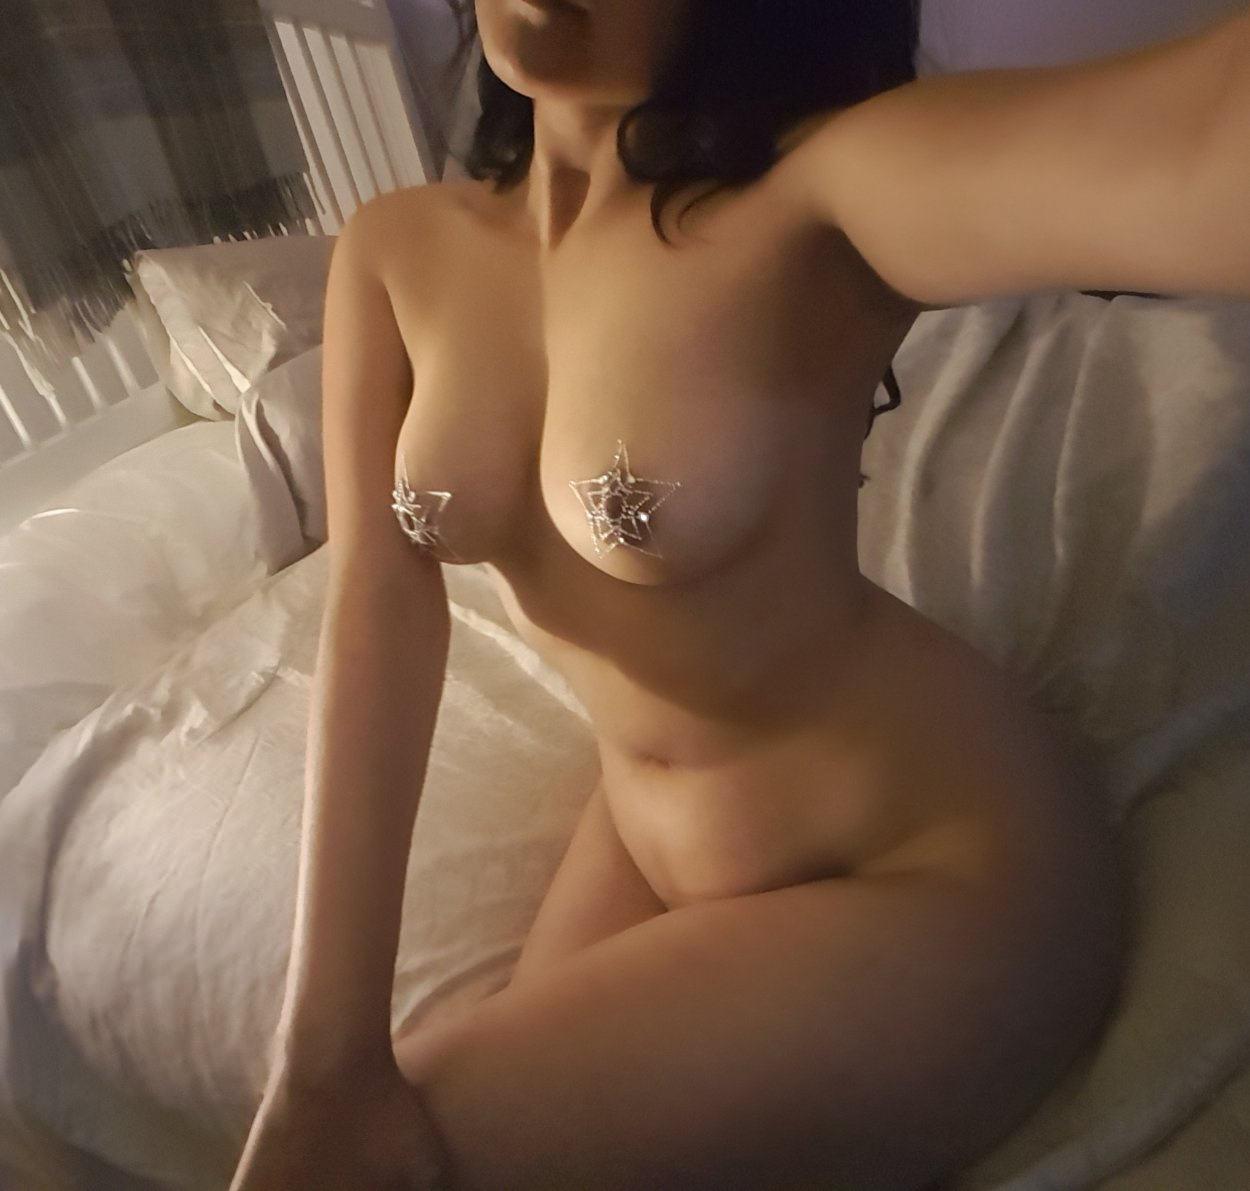 Itsaka Nude Photos Leaked! 0016